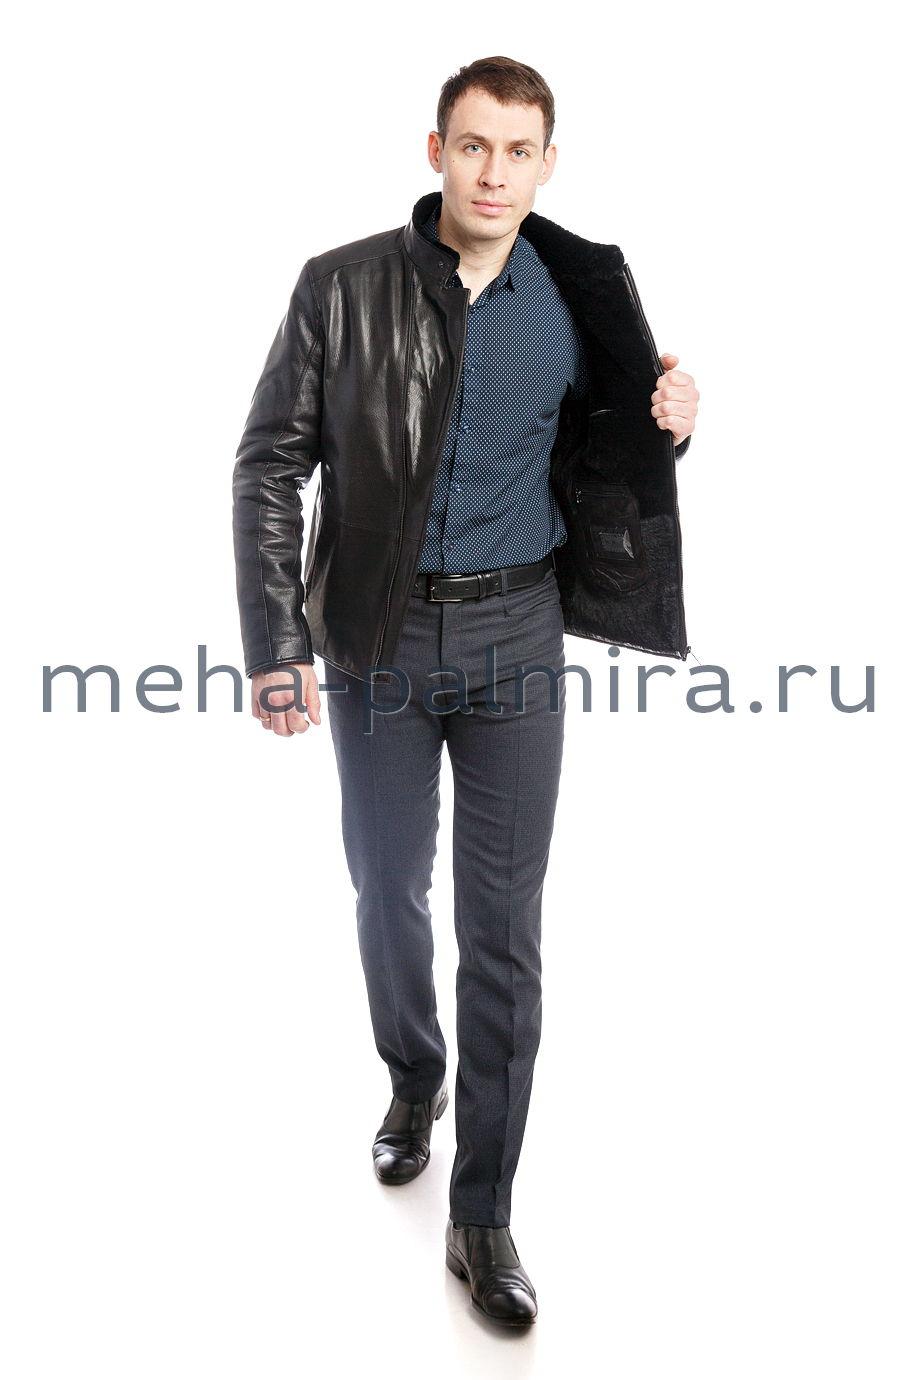 Мужская дубленка косуха чёрного цвета